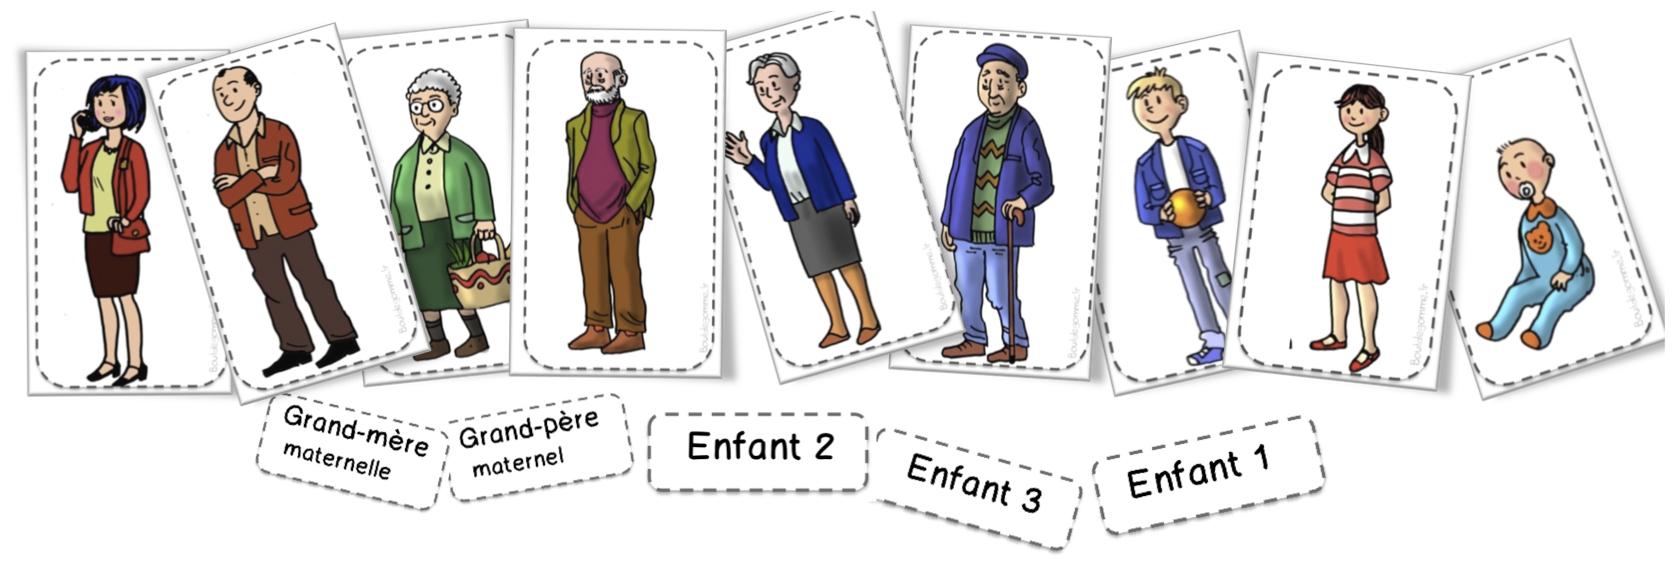 Coloriage Arbre Genealogique.Ddm Le Temps L Arbre Genealogique Bout De Gomme